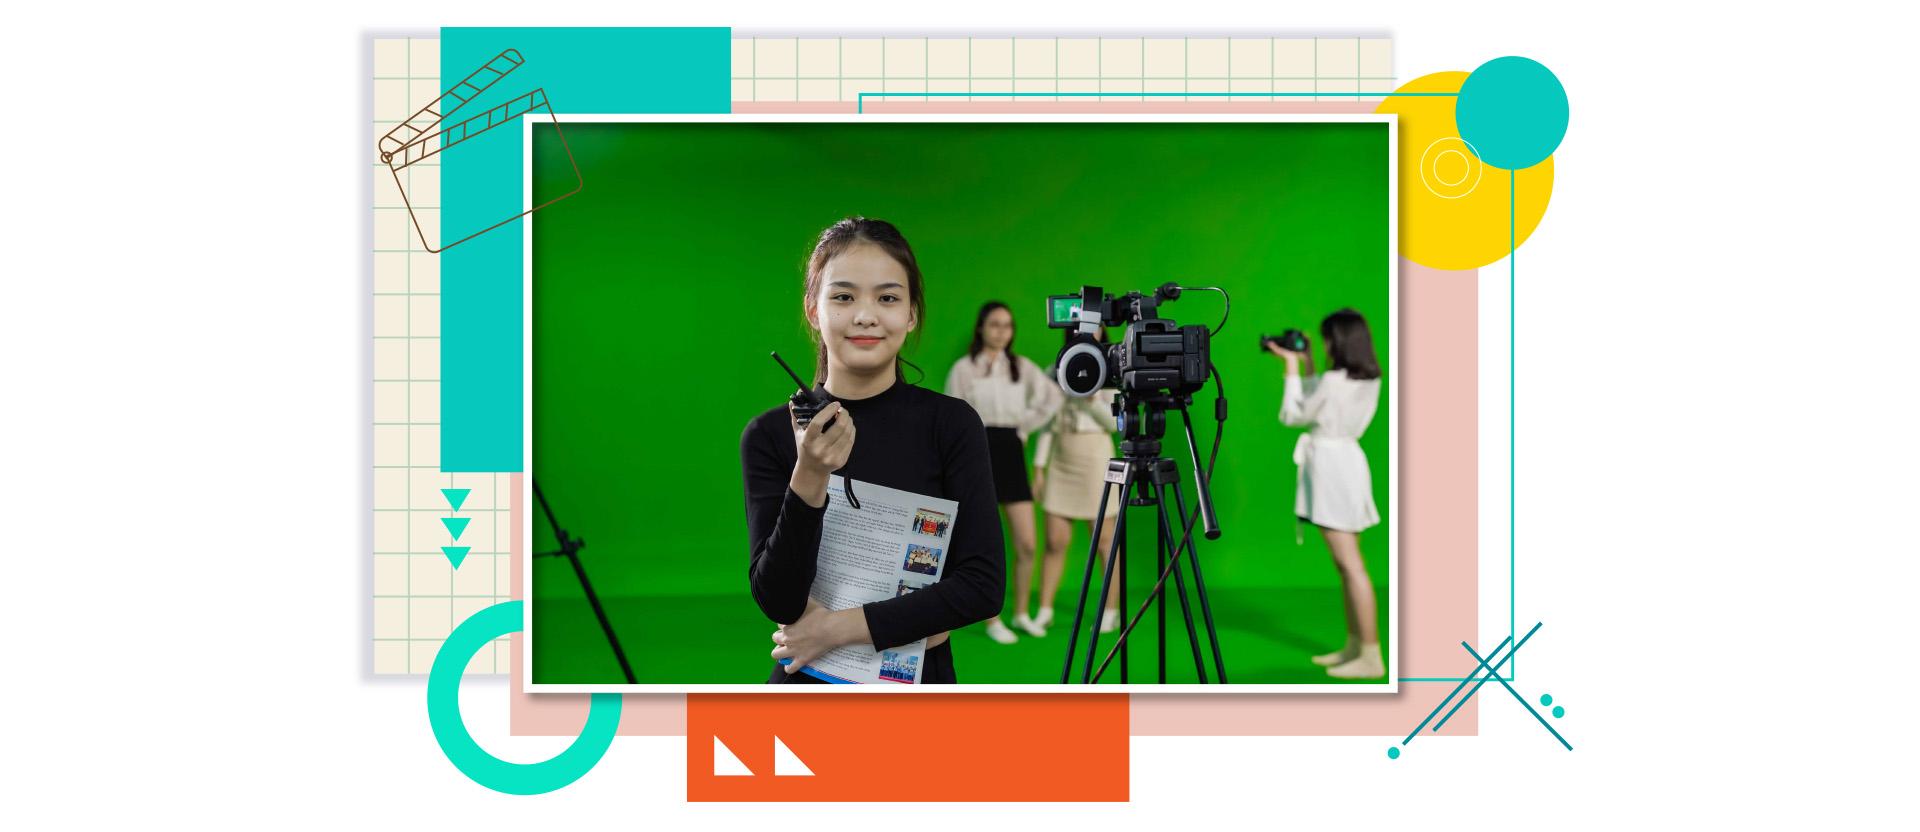 Truyền thông hiện đại - ngành học phục vụ thương hiệu thời 4.0 - Ảnh 2.